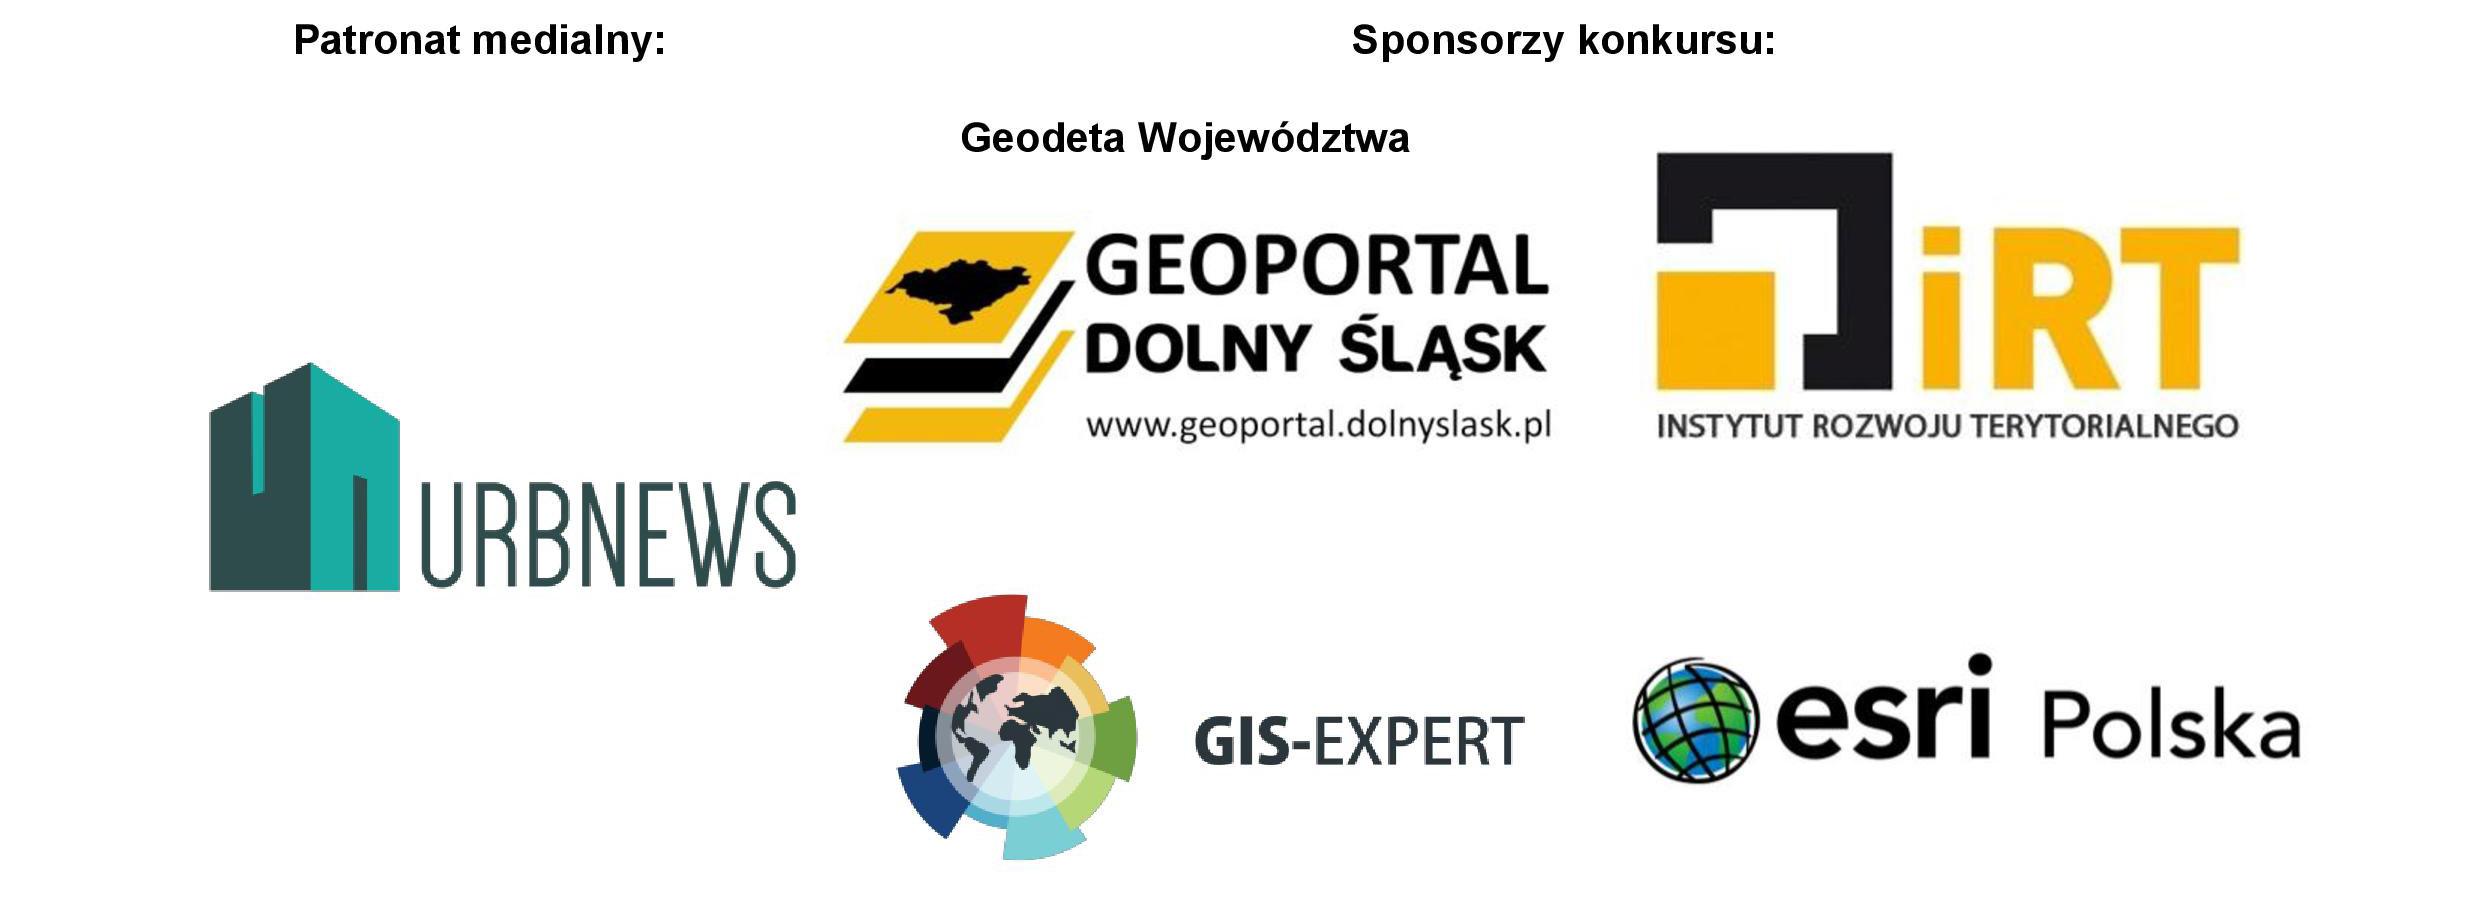 TUP_Wroclaw_konkurs_2020_stopka